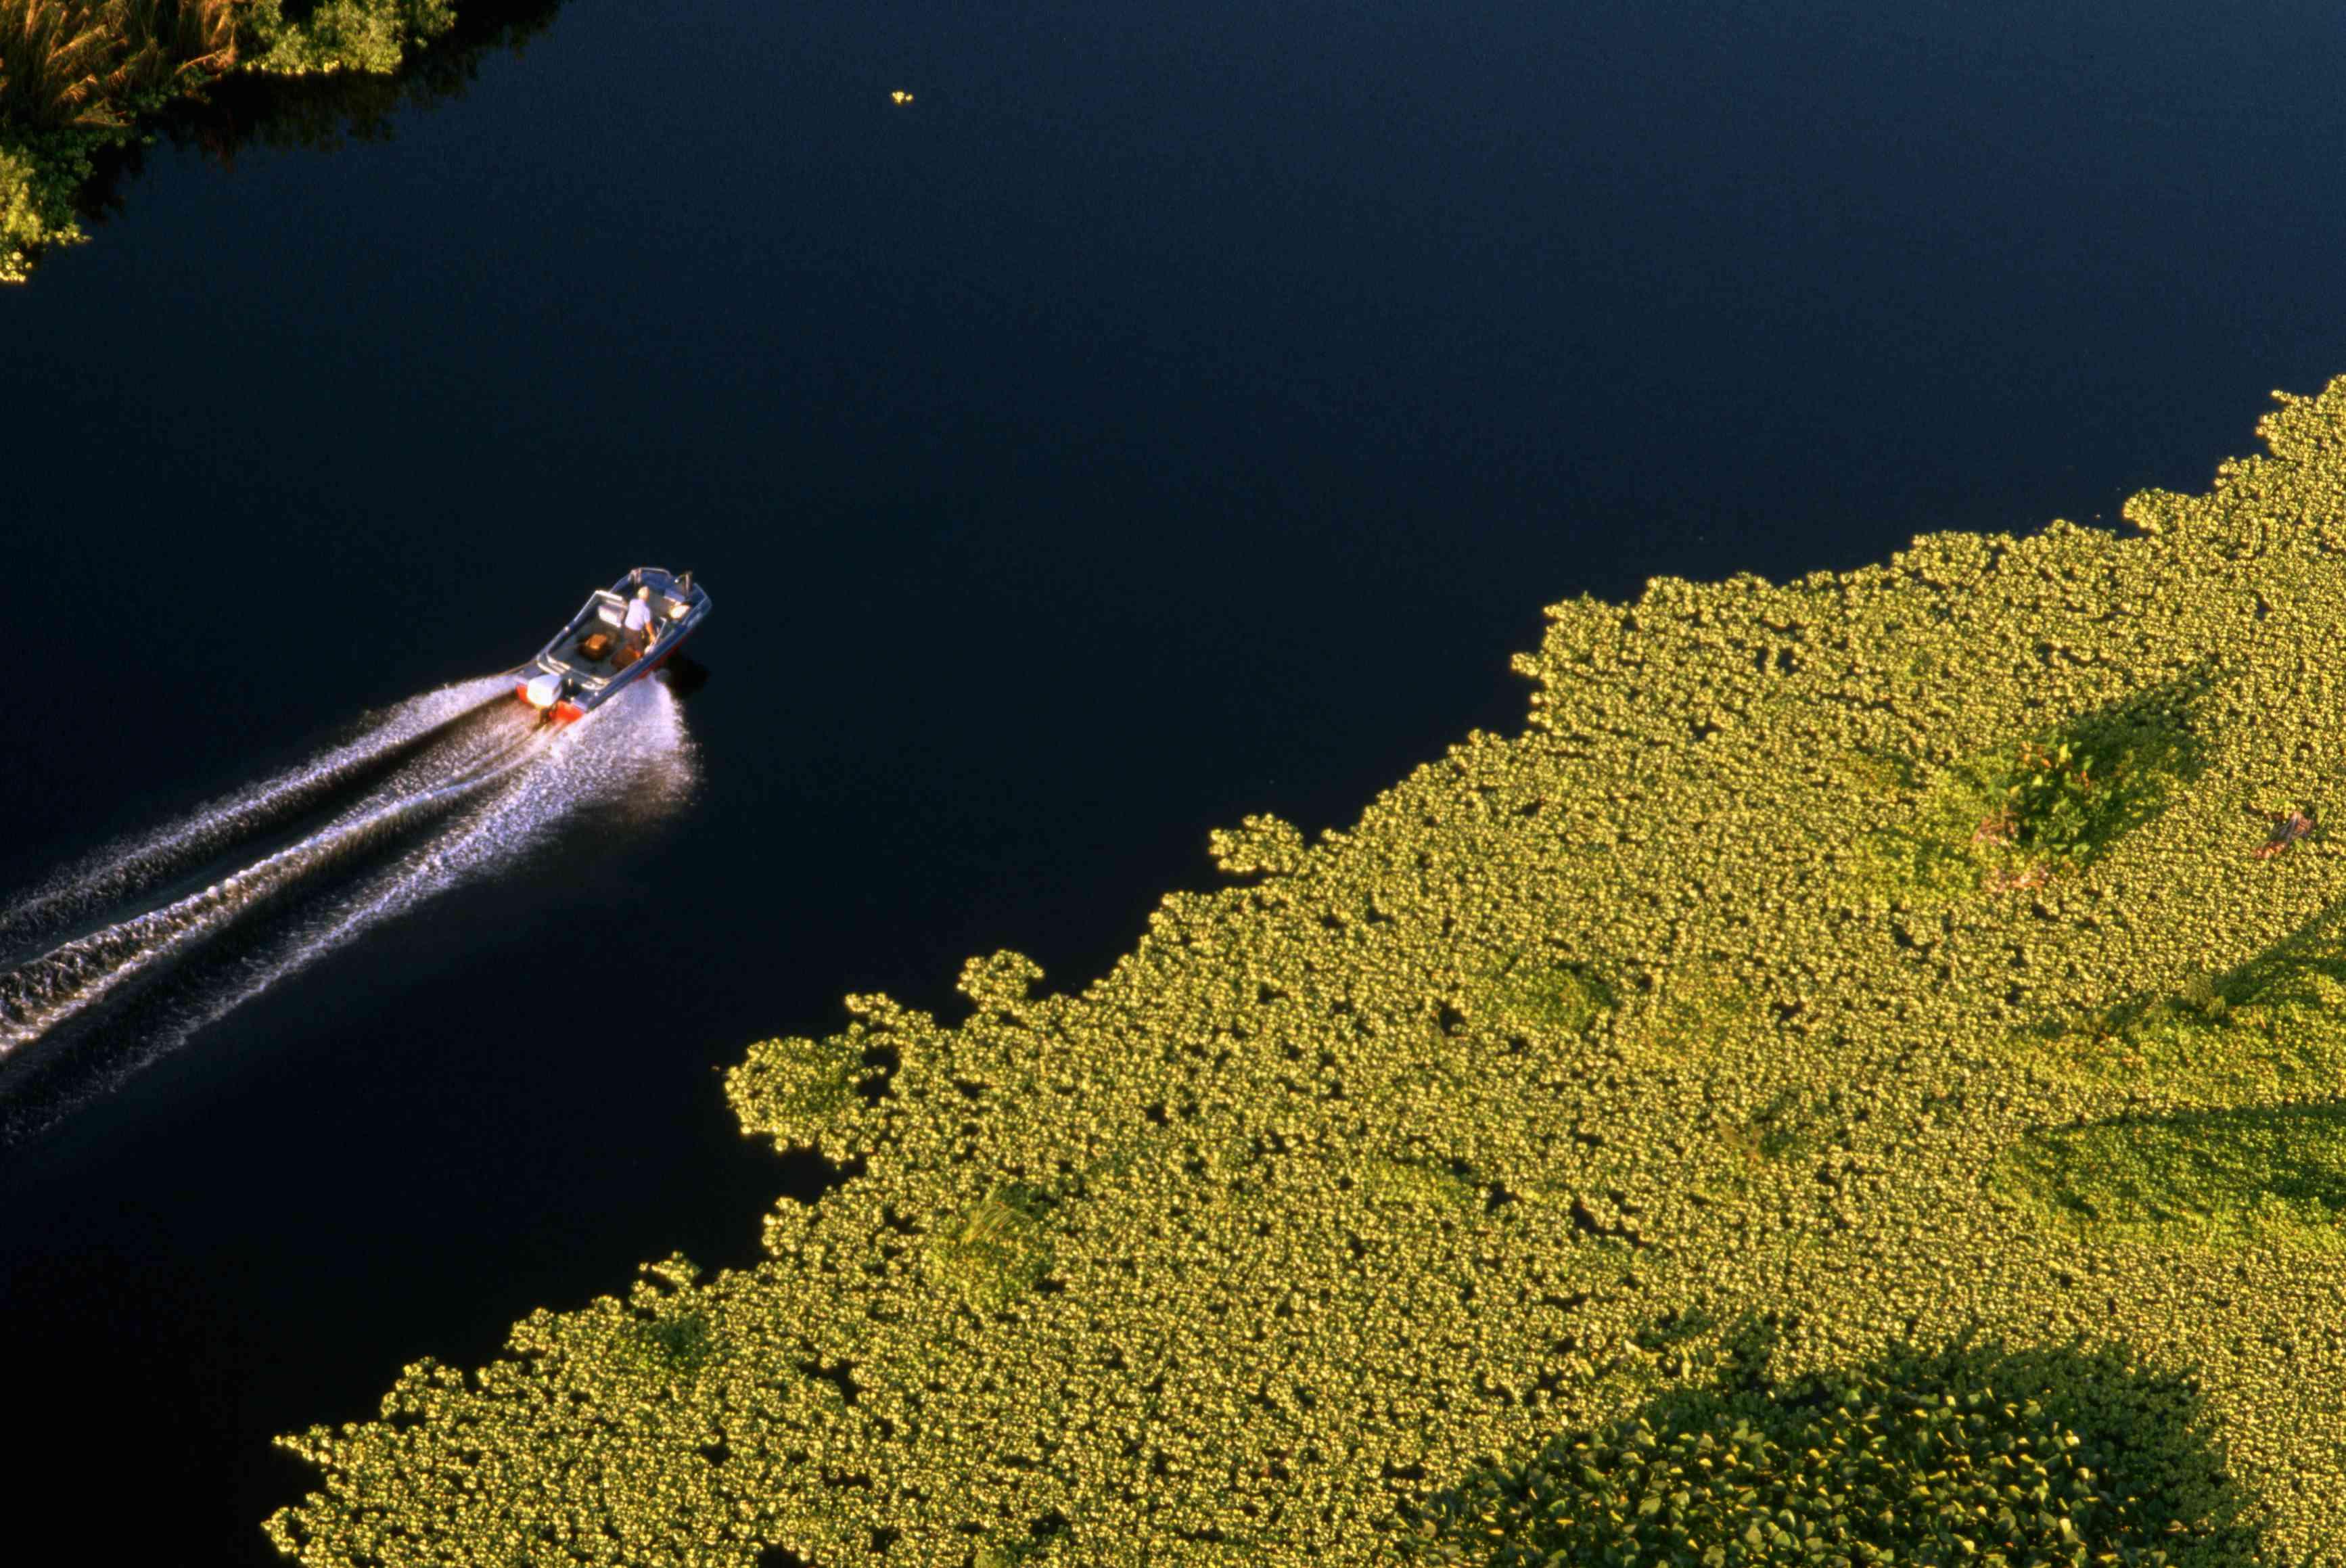 Overview of boat and vegetation on Lake Okeechobee